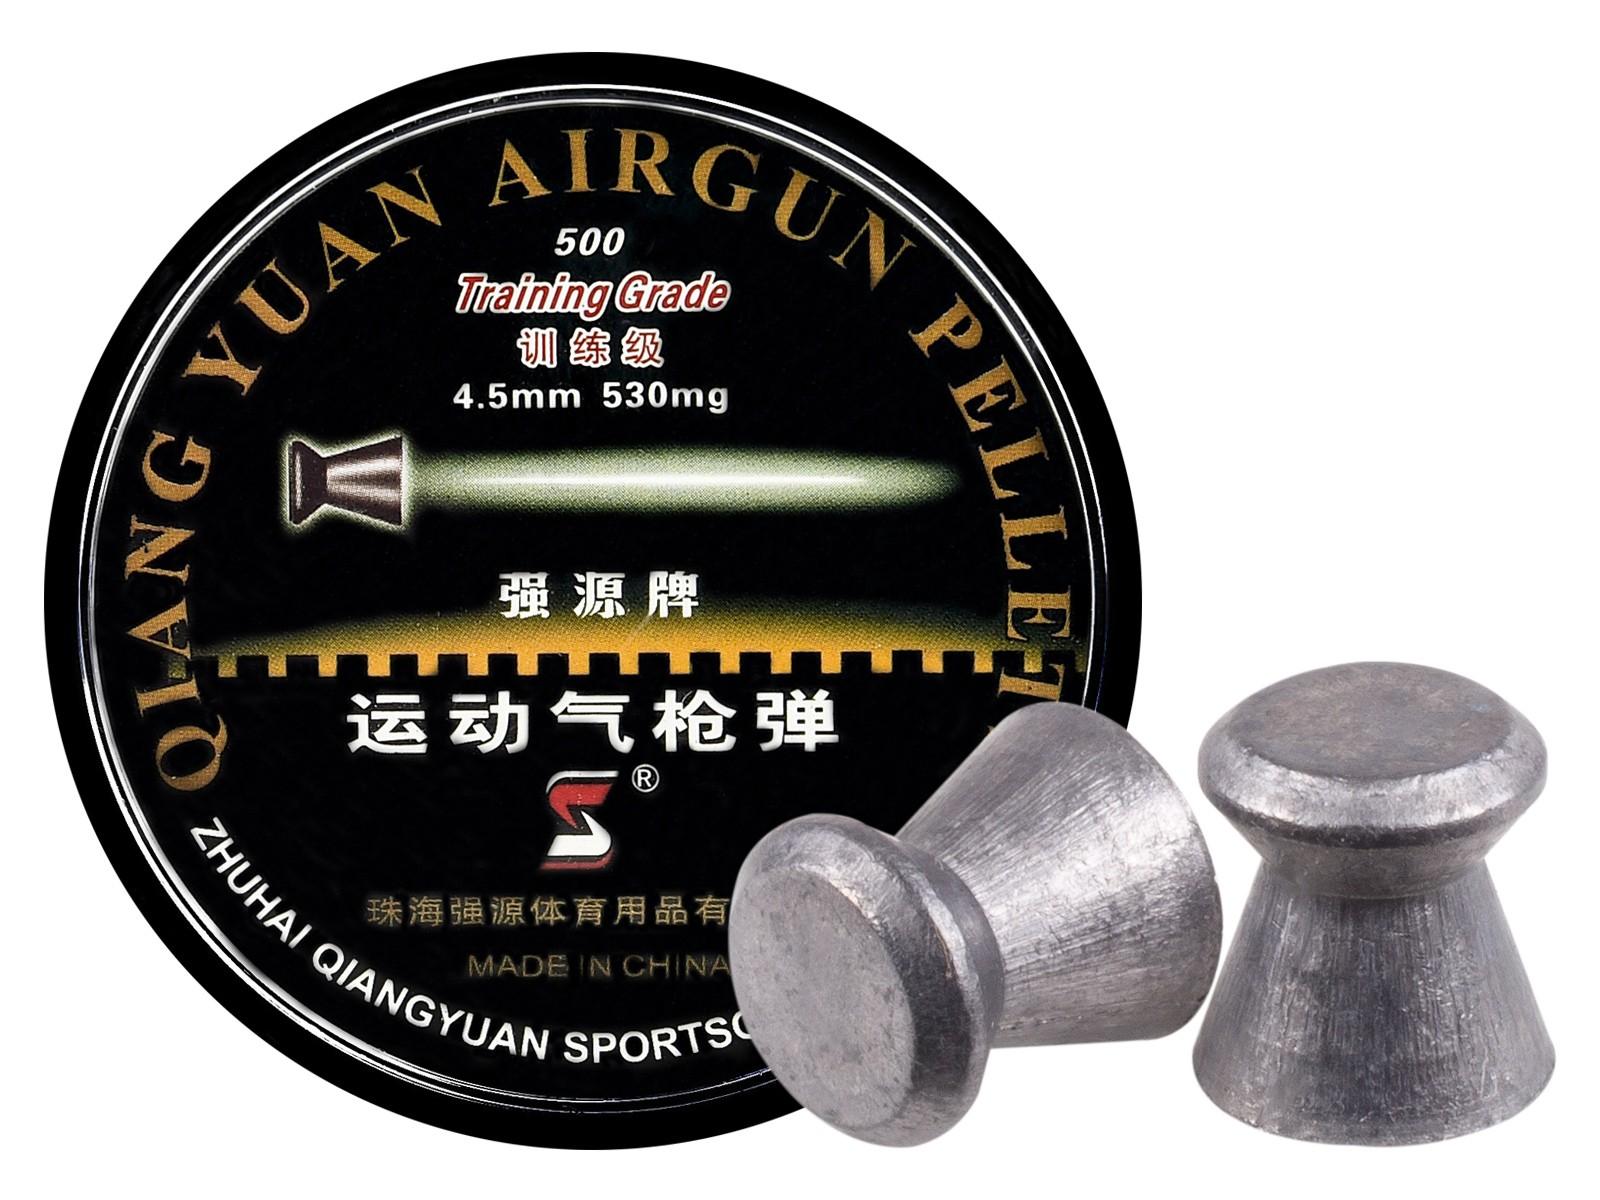 Qiang Yuan Training Grade .177 (4.5mm)